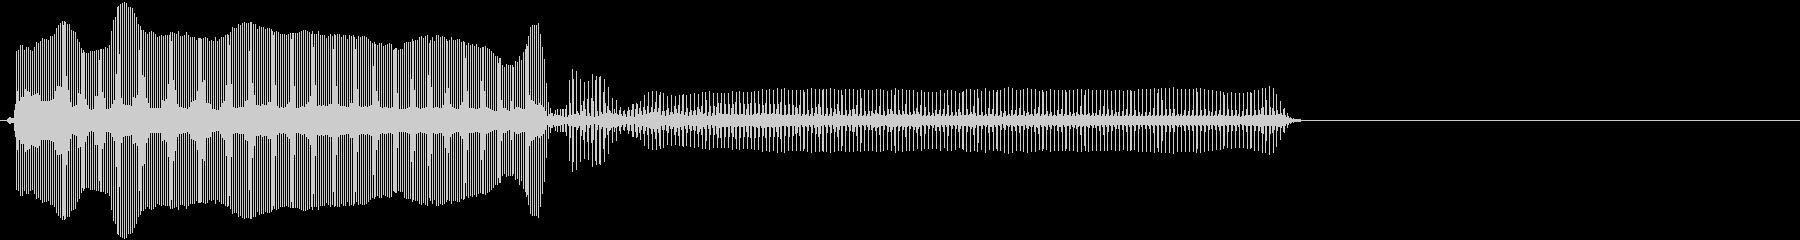 トランペット:DONKEY HEE...の未再生の波形